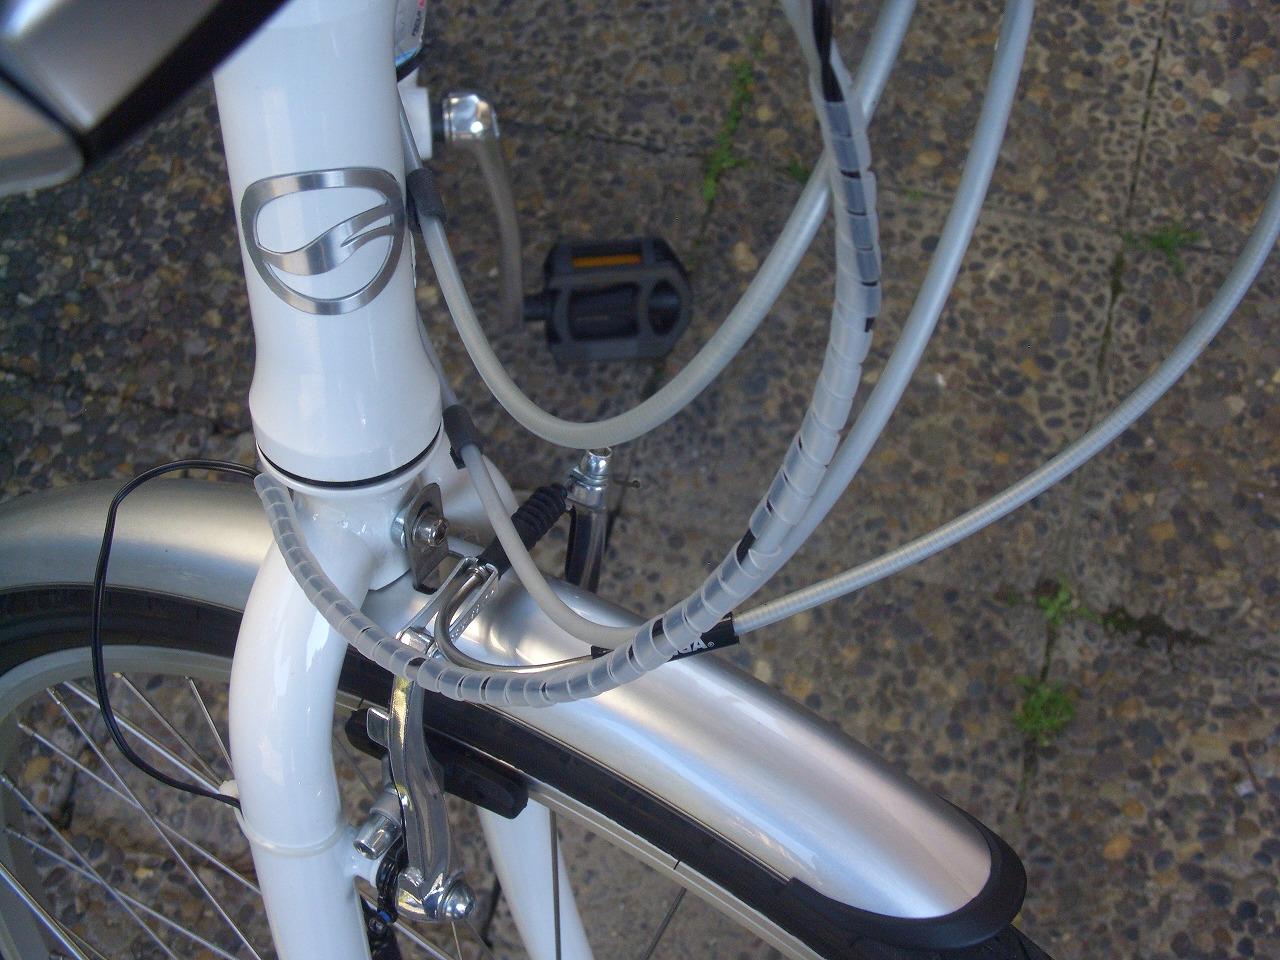 ... 日和 車中泊の準備と自転車